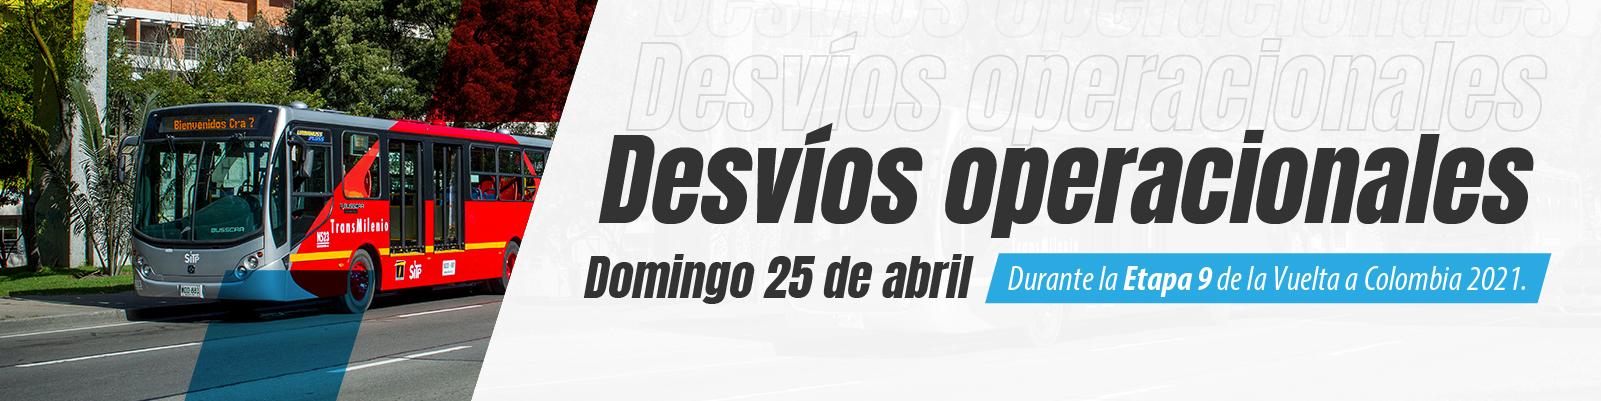 Desvíos operacionales el domingo 25 de abril por la Vuelta a Colombia